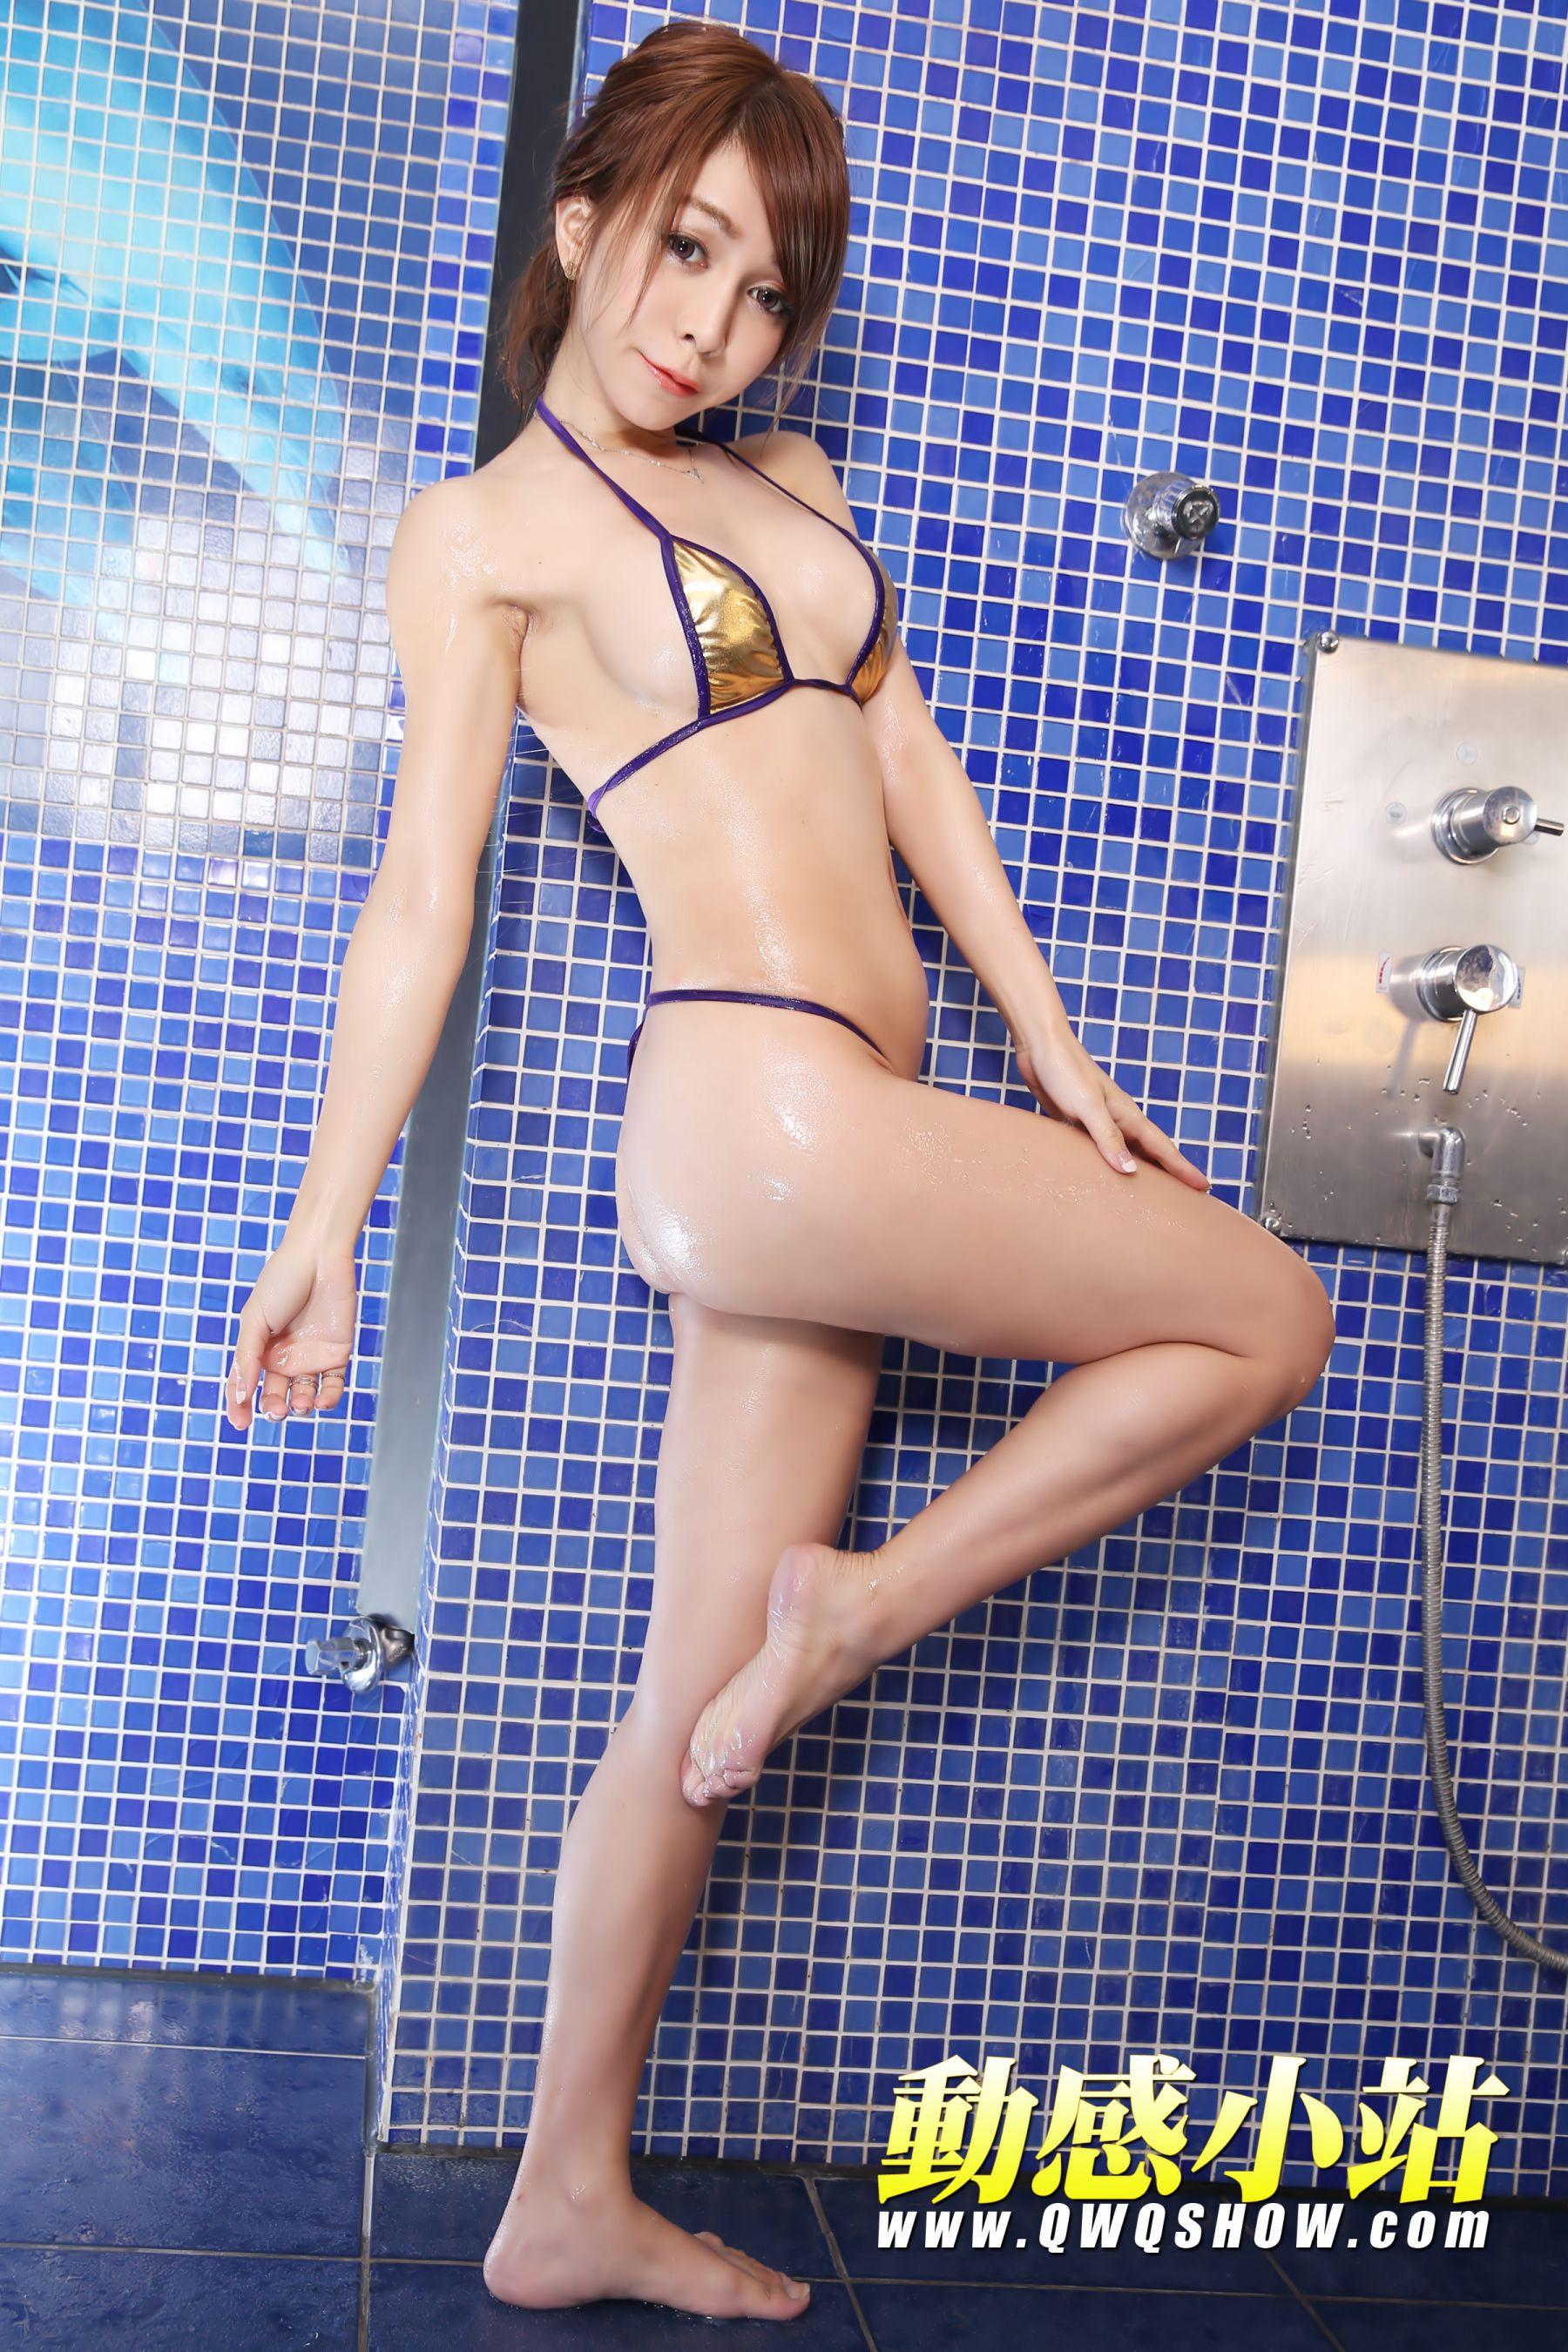 VOL.411 [动感之星]美胸湿身白嫩:布布(动感小站布布,动感之星布布)高品质写真套图(43P)